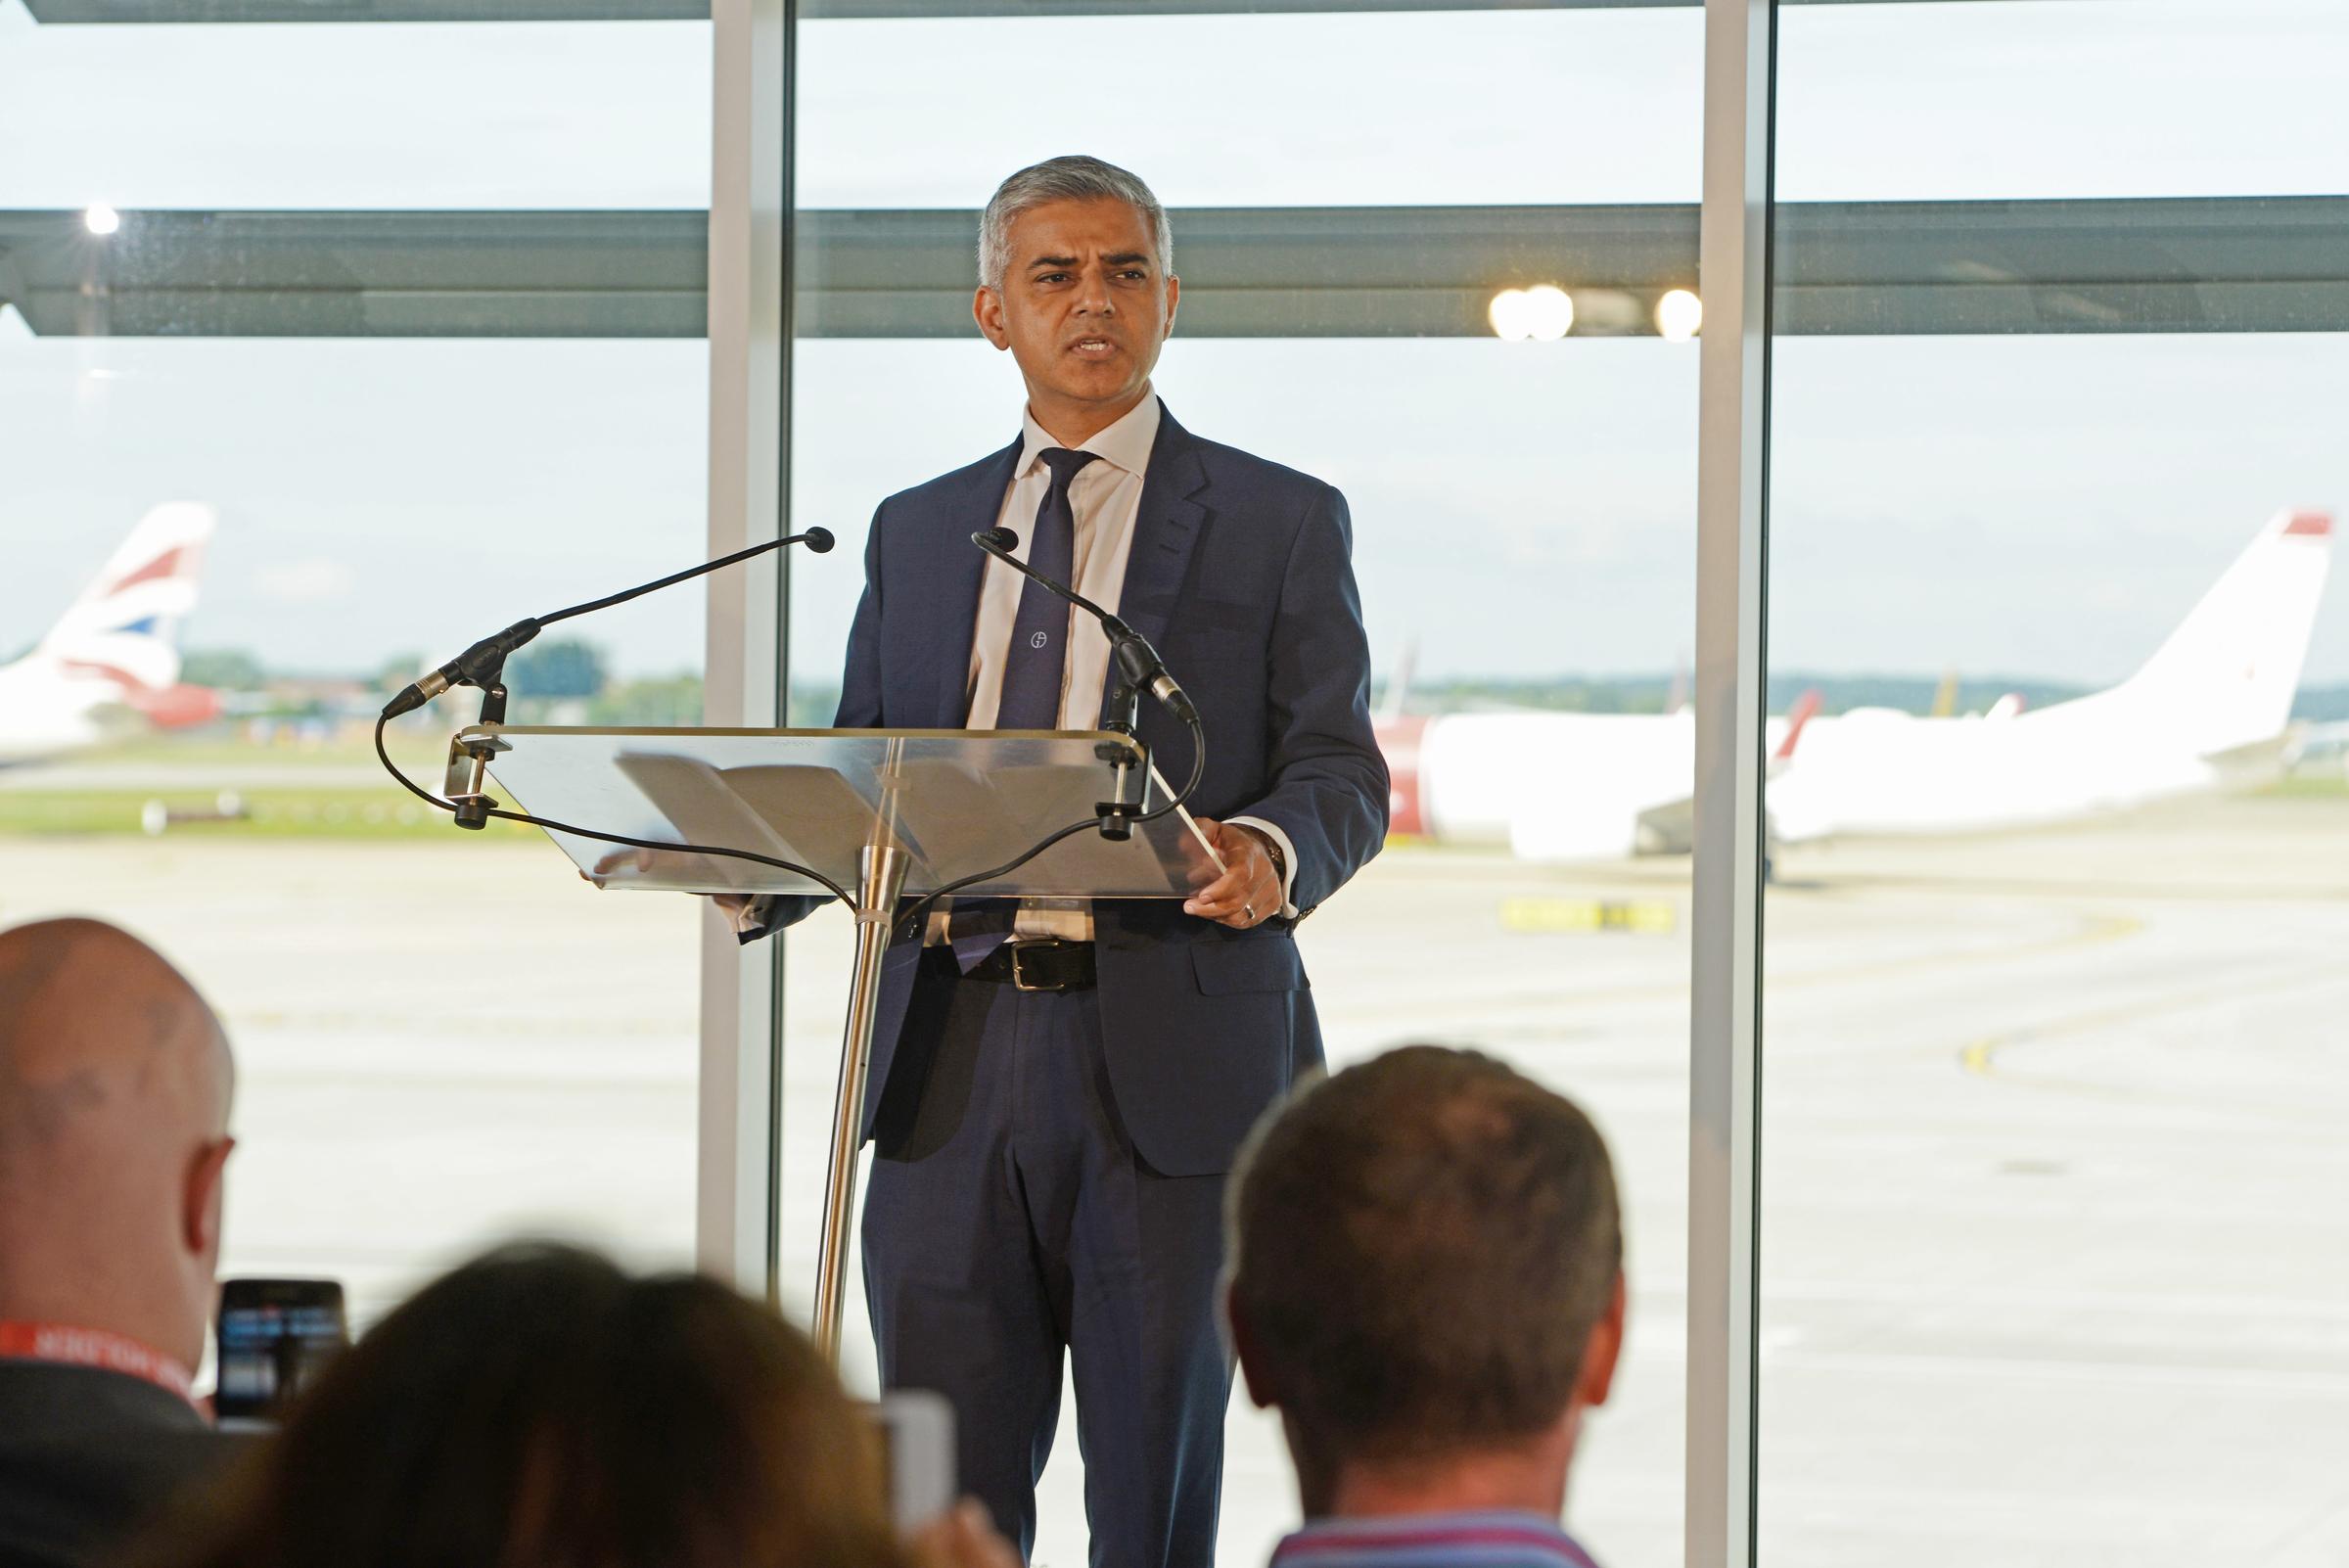 London-borgmester erklærede sin støtte til London Gatwick-lutfhavnens ønske om en bane nummer to ved en præsentation af lufthavnens udbygningsplaner.